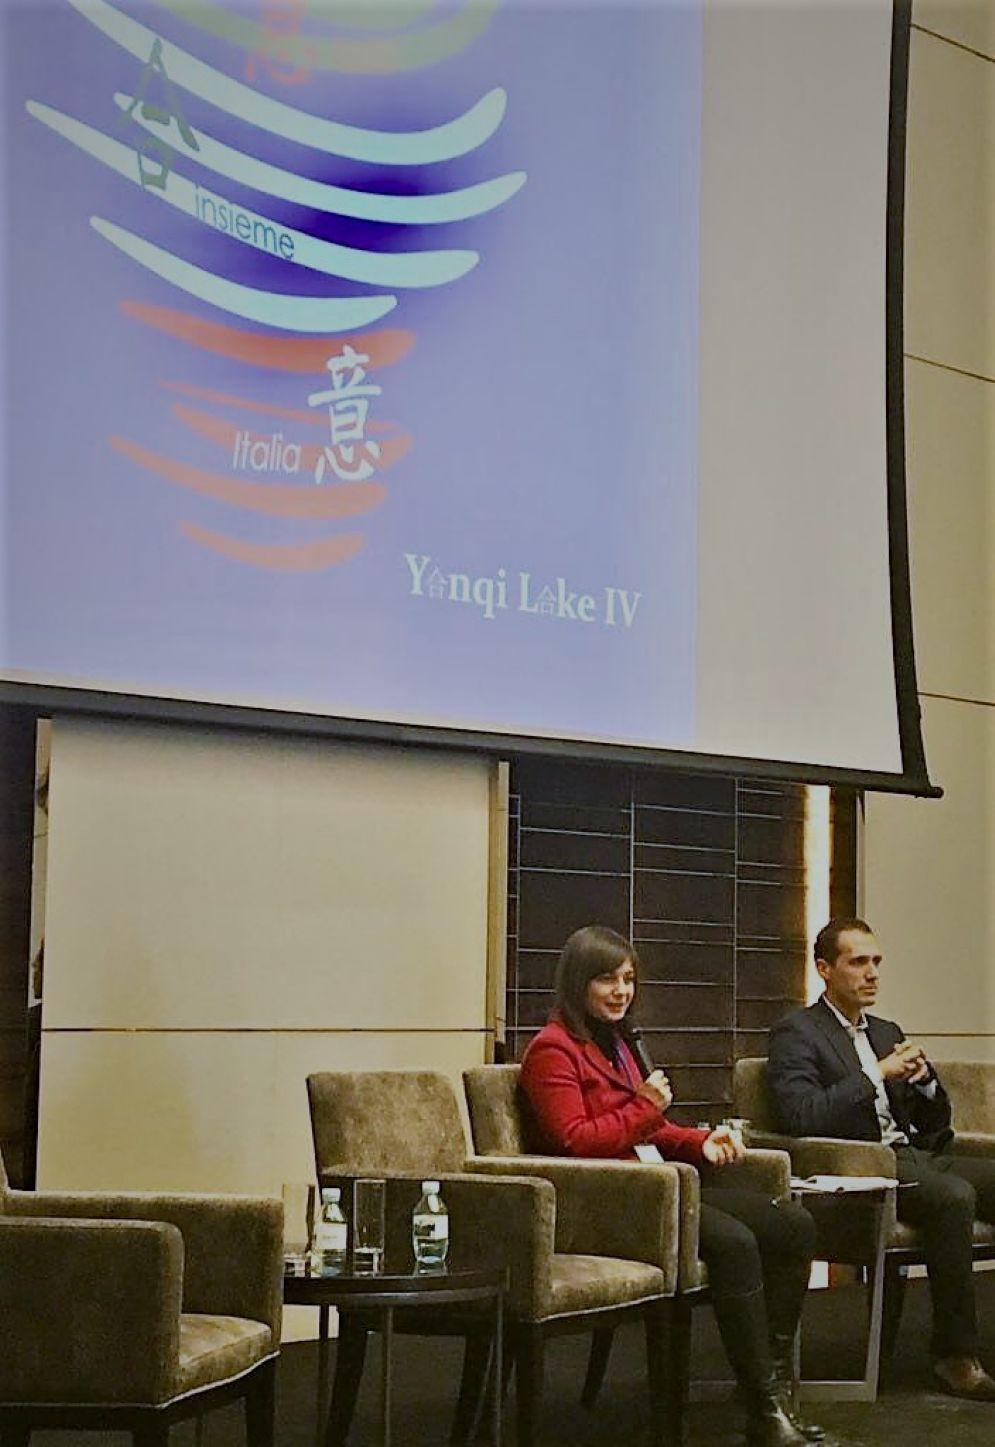 Presidente della Regione, Debora Serracchiani, al forum di Yanqui Lake